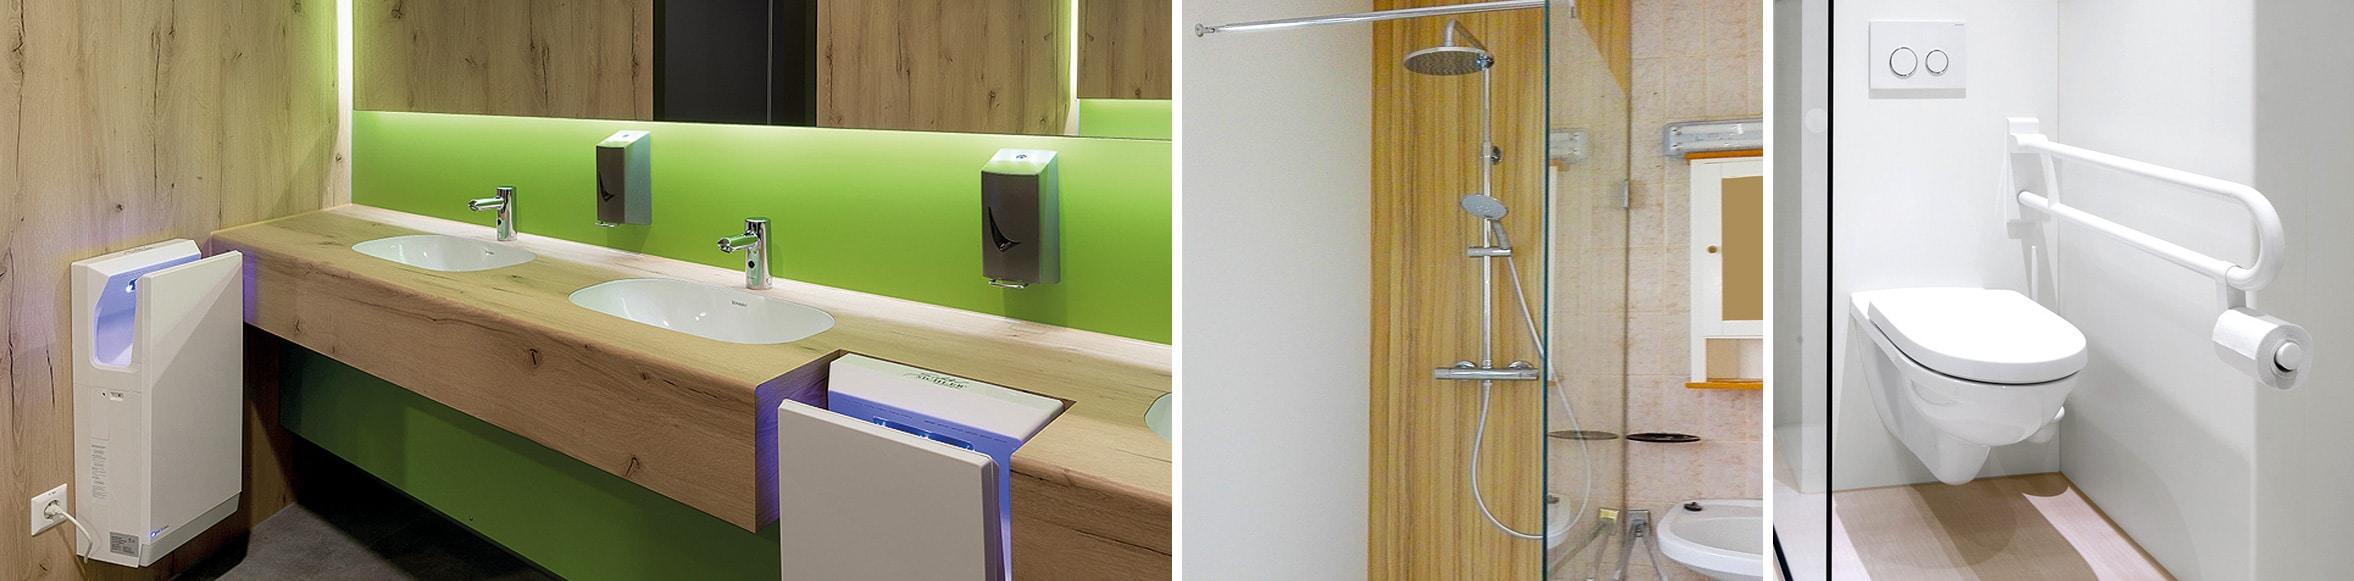 Doppelwaschtisch mit Handtuchtrockner, Seifenspender, Dusche, WC